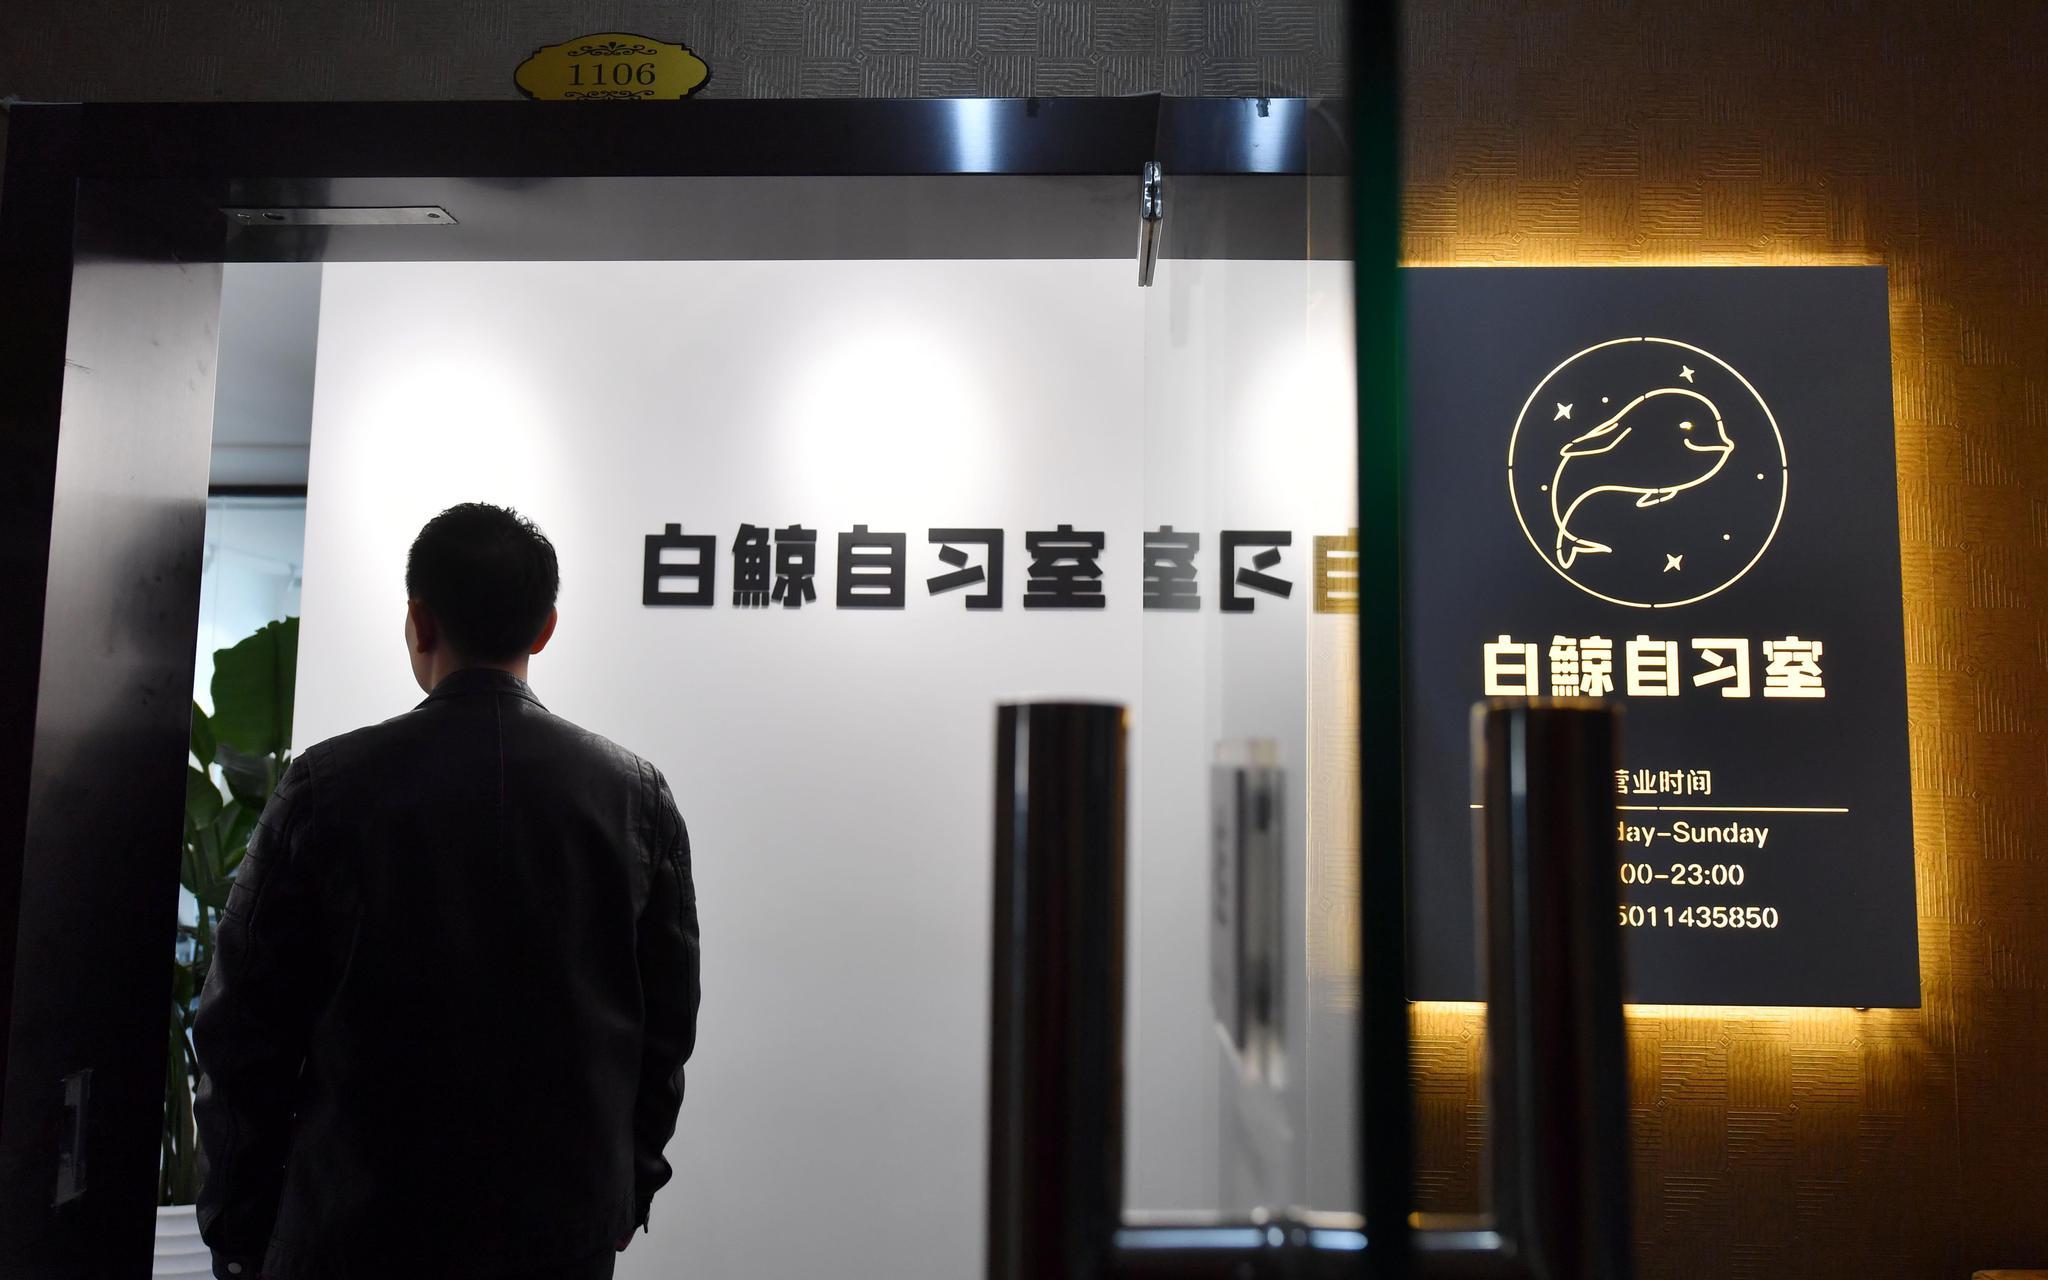 高校图书馆限流以后 北京多个共享自习室迎来了学生潮图片